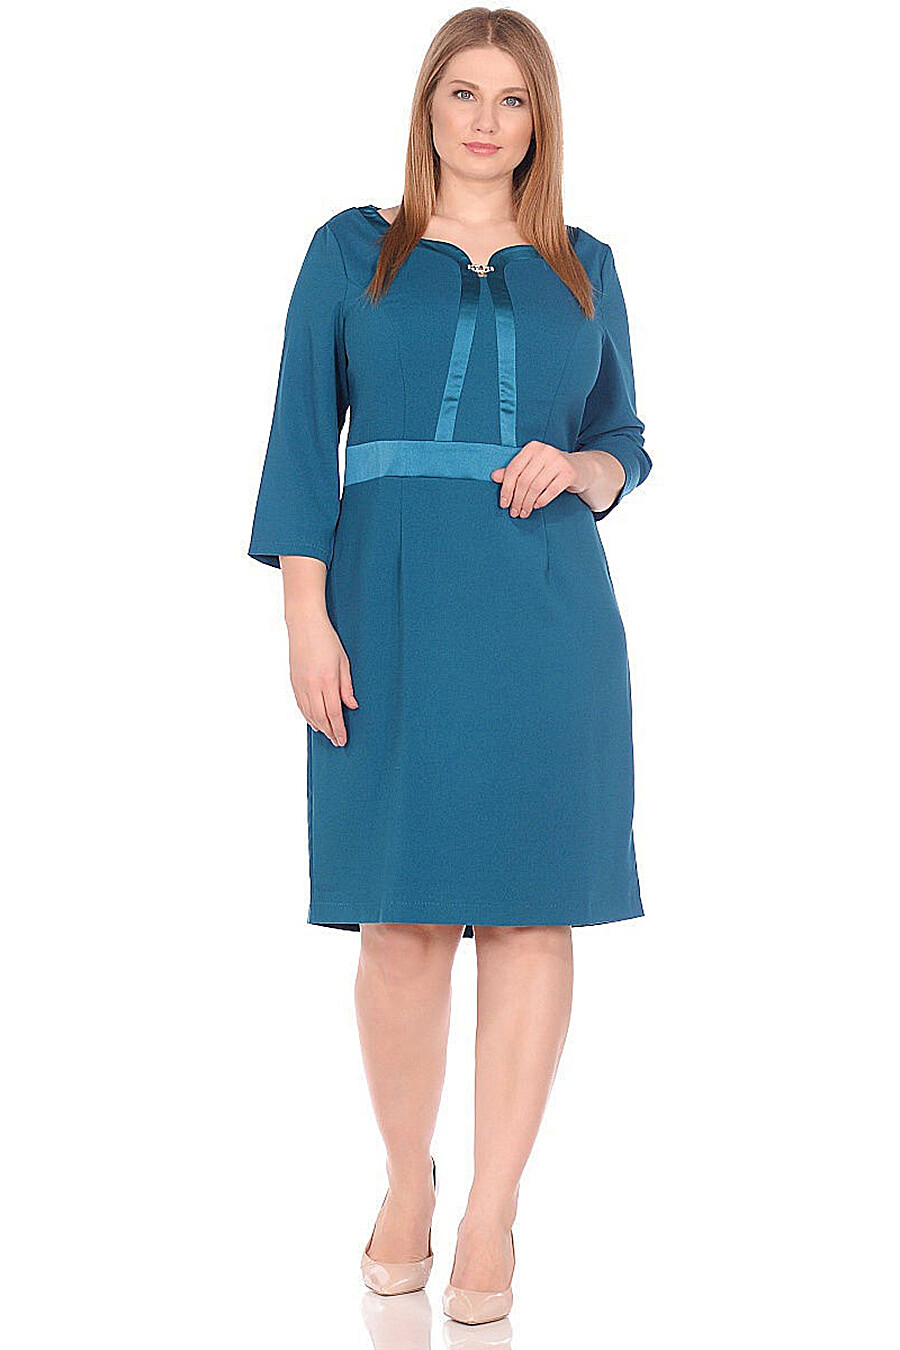 Платье для женщин DREAM WORLD 165399 купить оптом от производителя. Совместная покупка женской одежды в OptMoyo